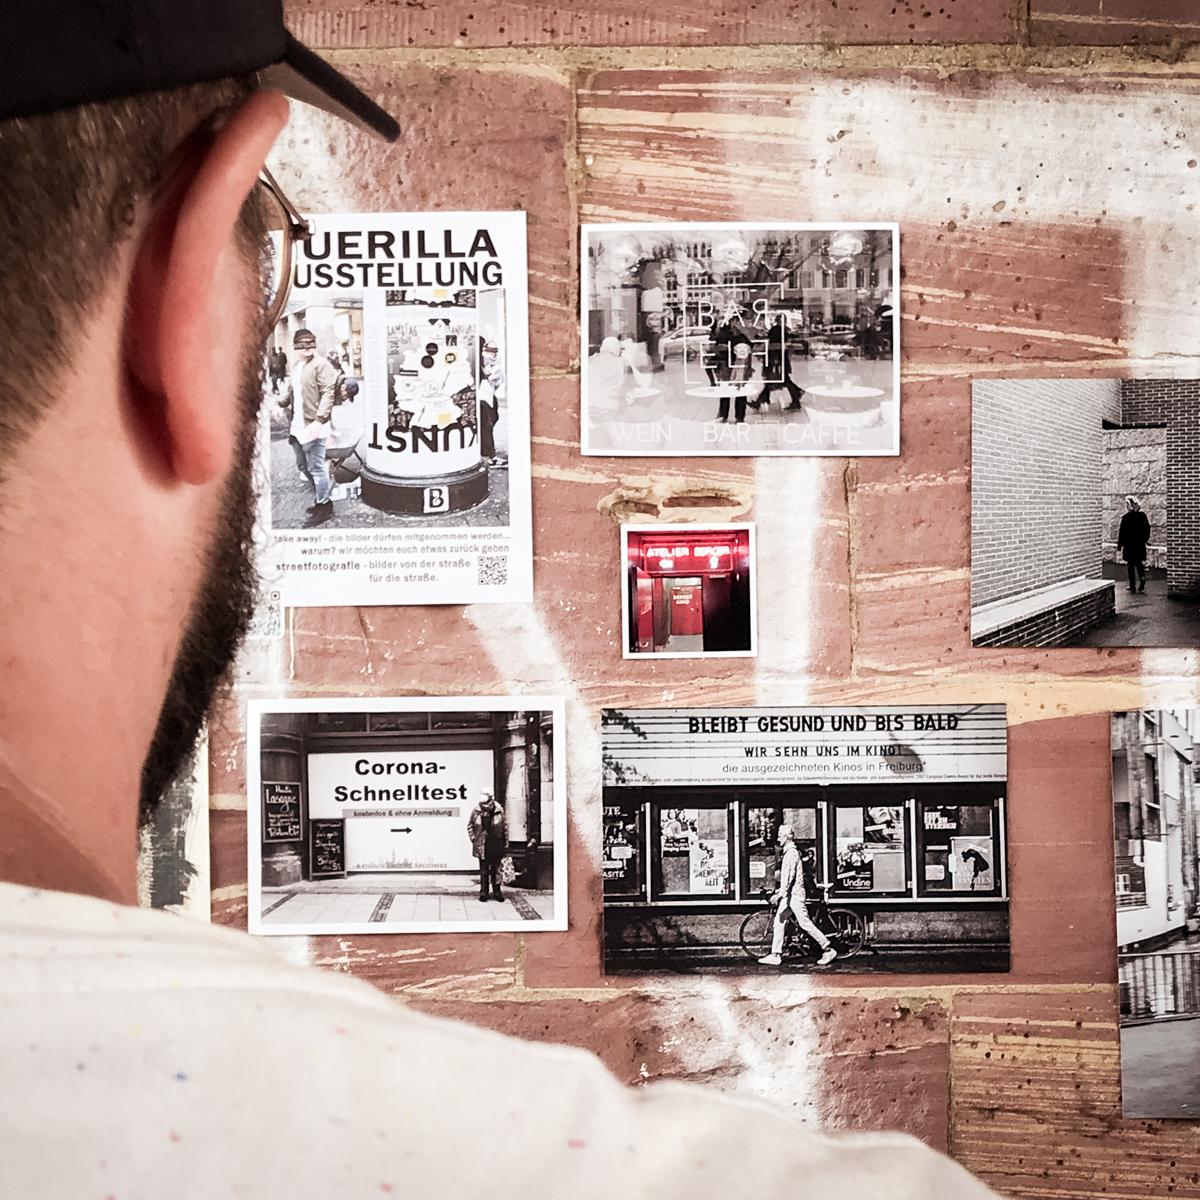 Fotos von der Straße für die Straße. Unter diesem Motto gab's am Ende eines langen Foto-Tages eine Guerilla-Ausstellung an der Untermainbrücke.